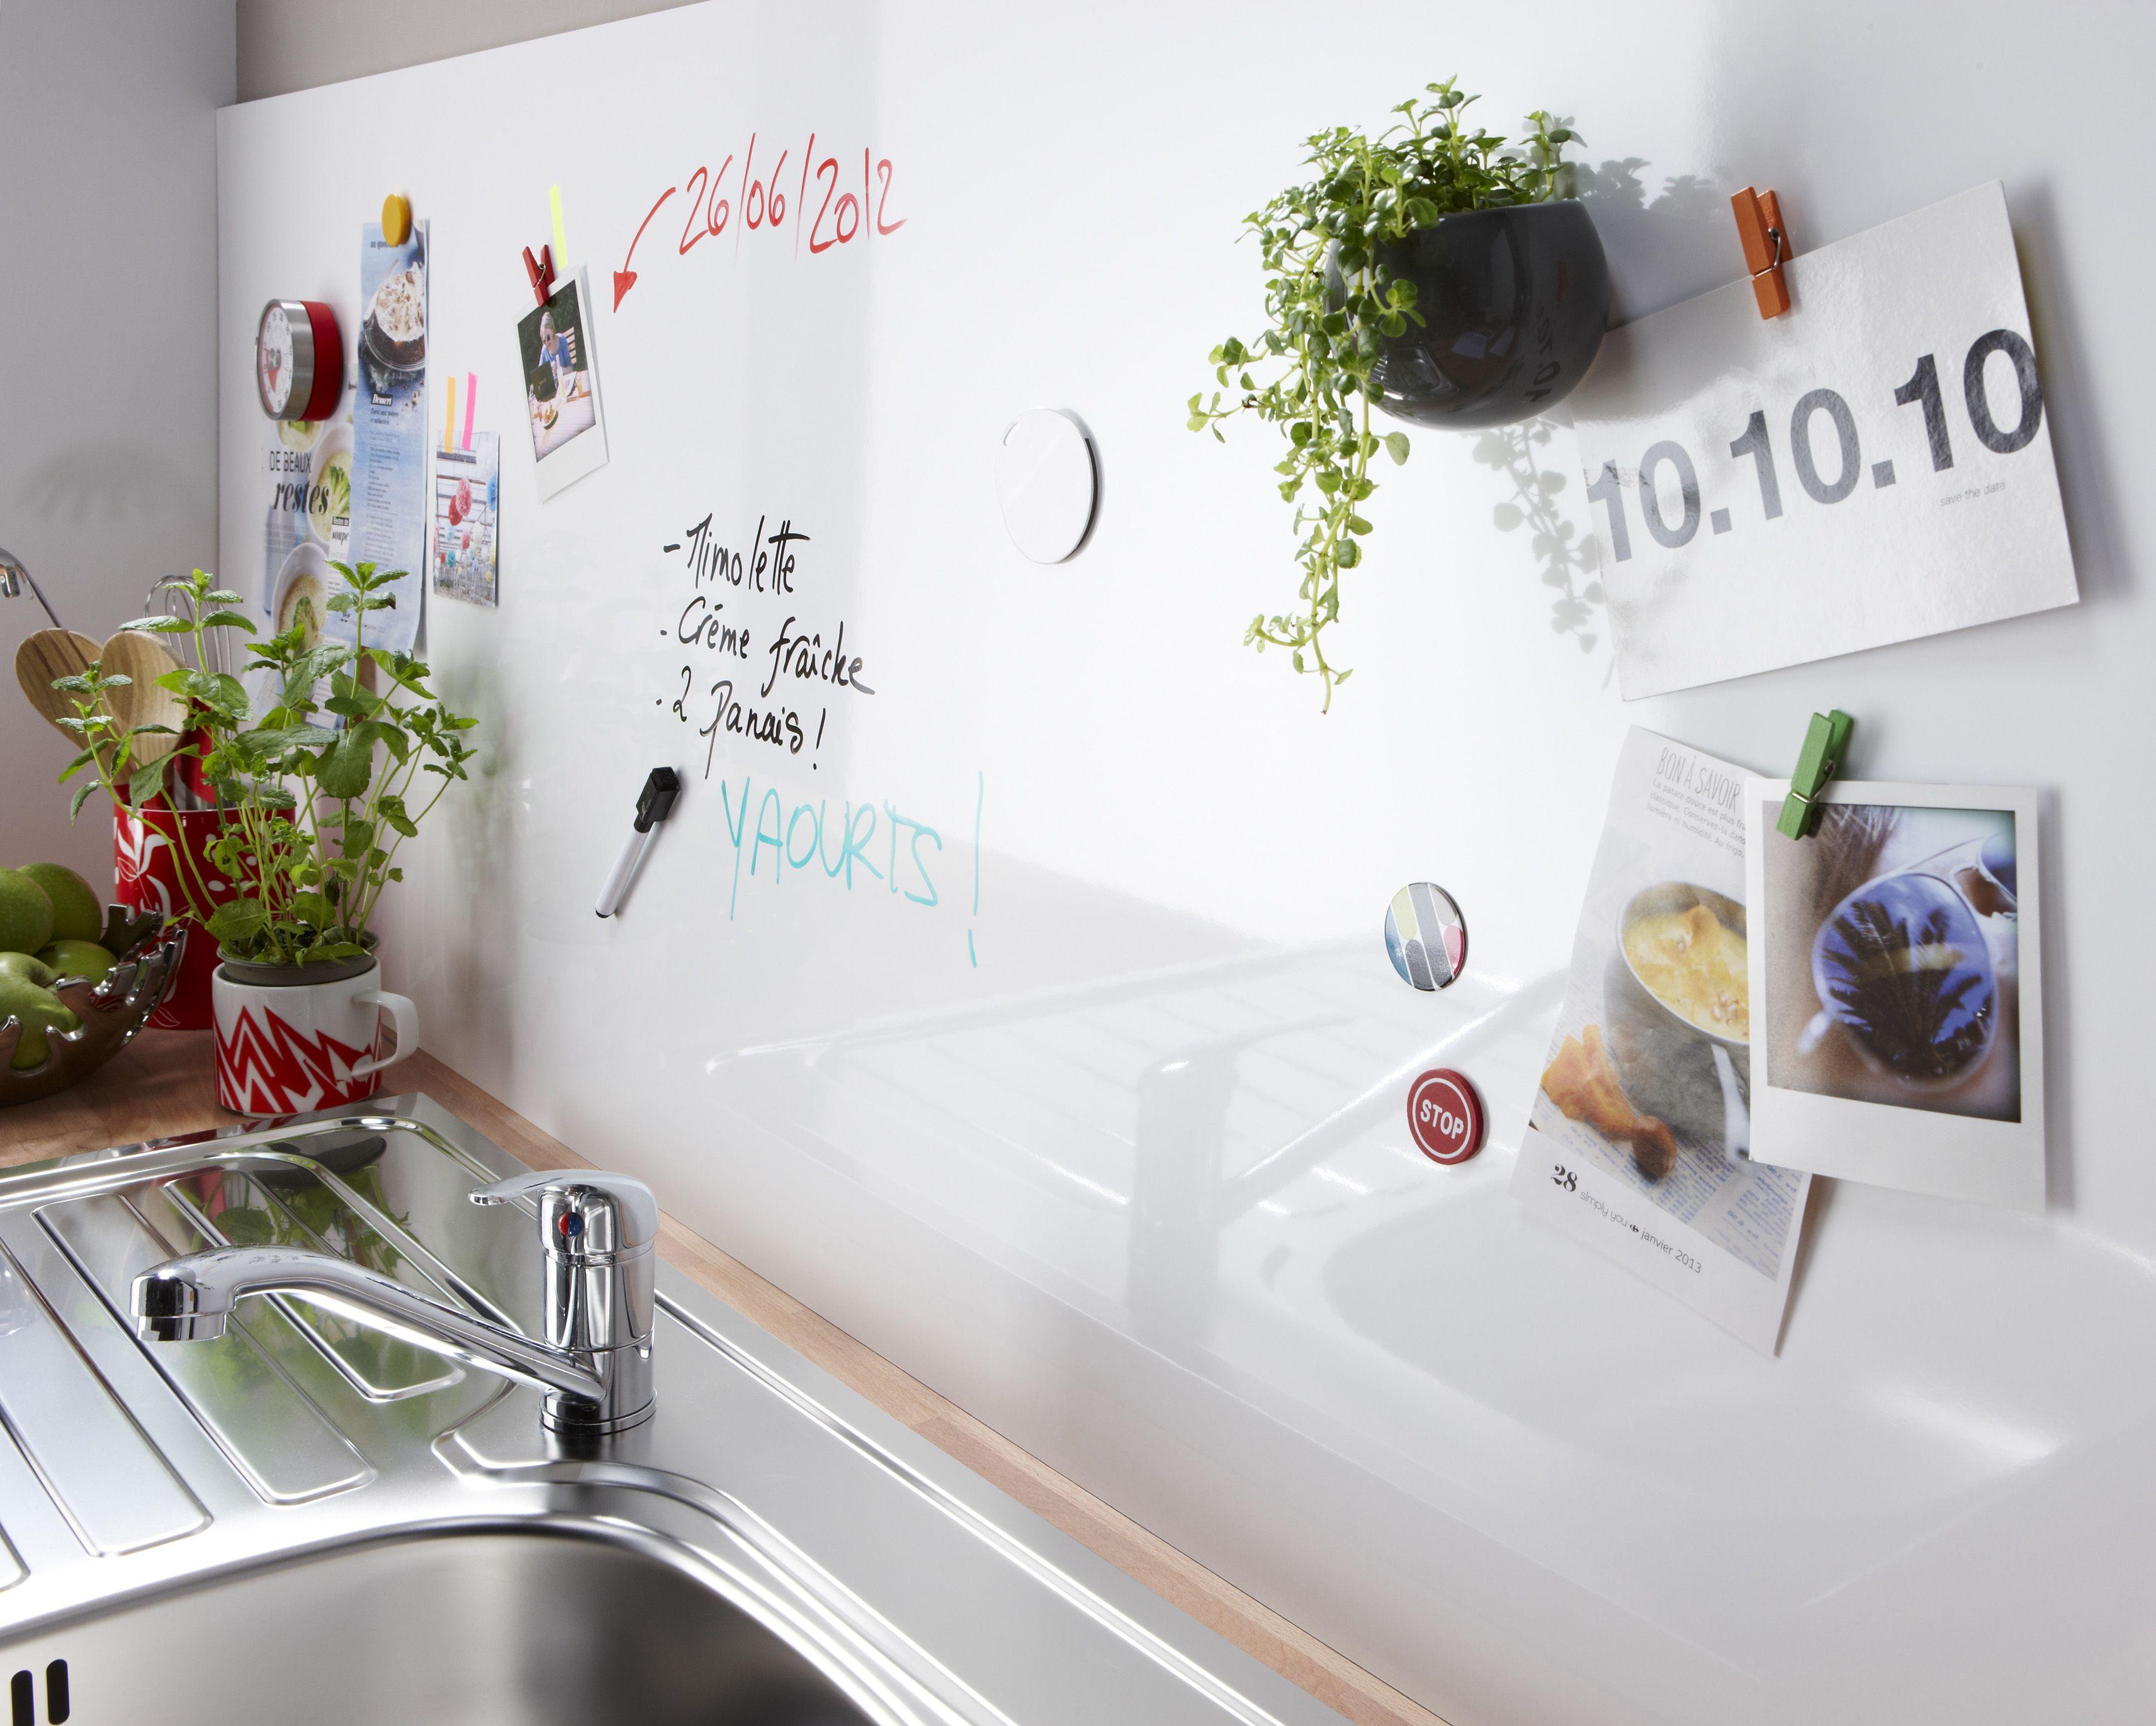 tableau magnétique de leroy merlin : cuisine : que mettre sur sa